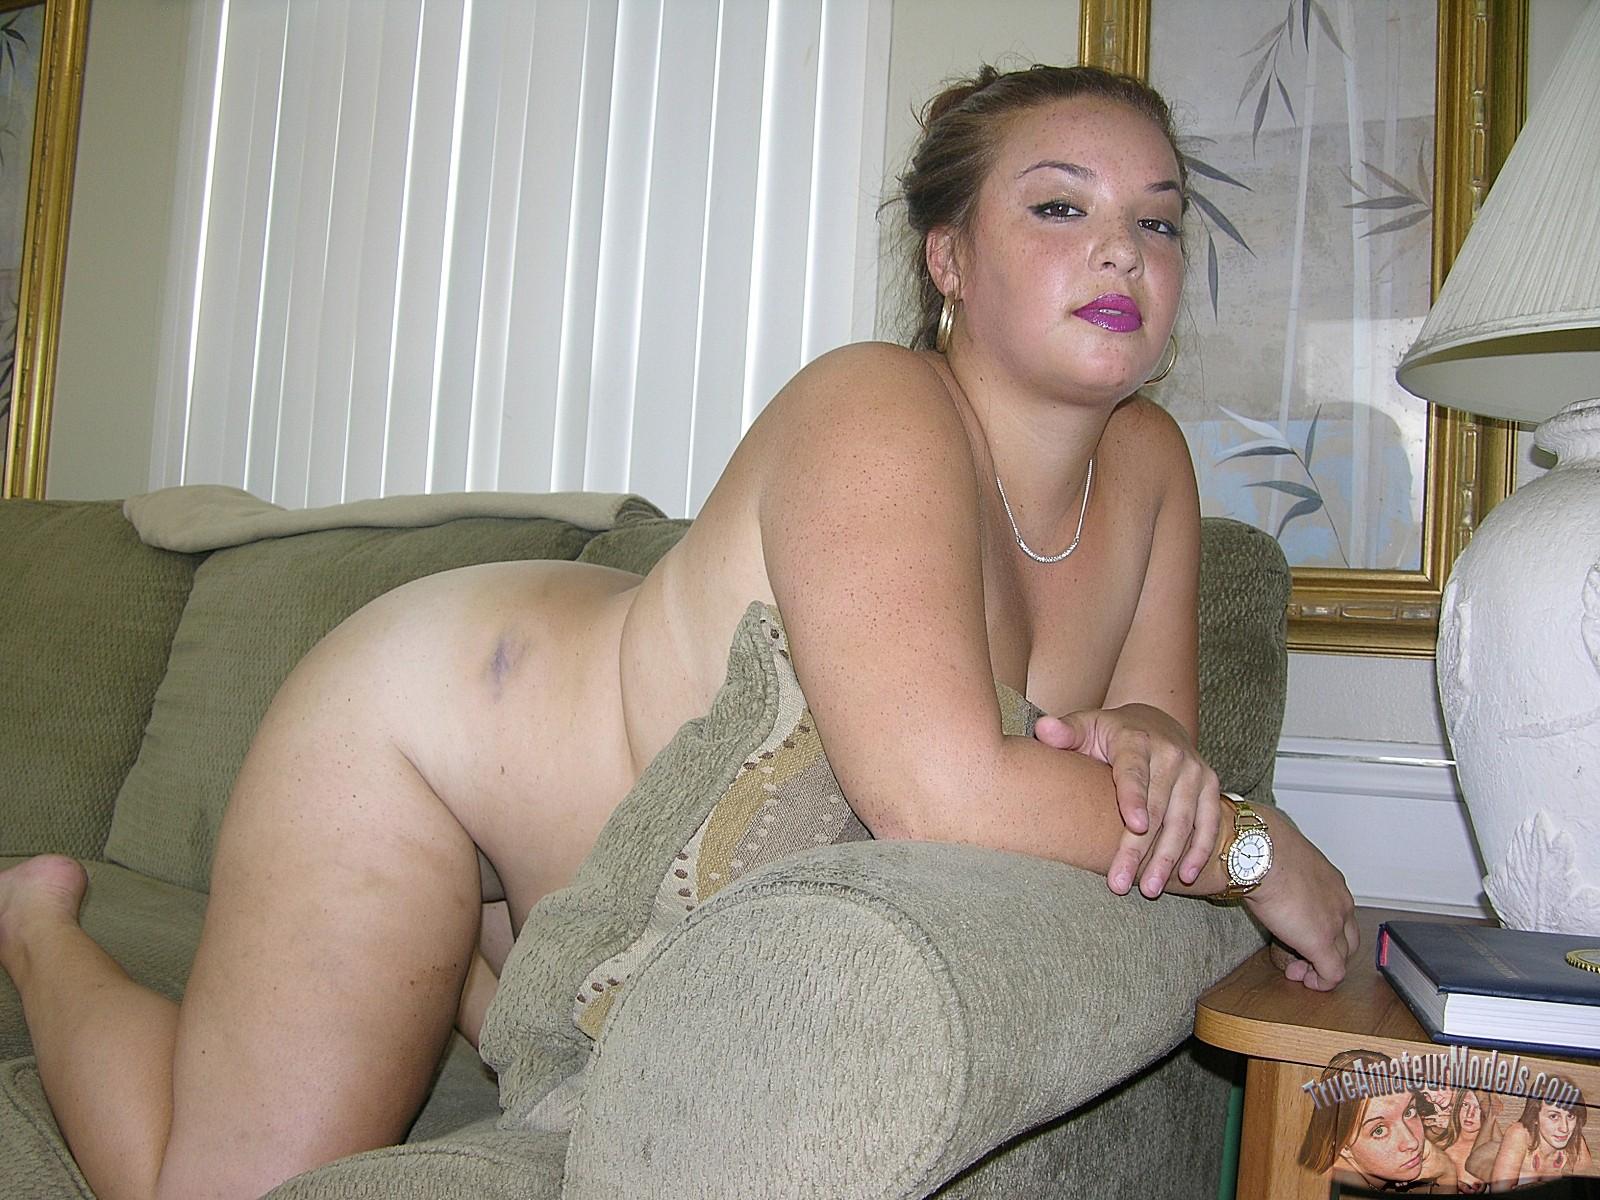 Bbw nude butt pics